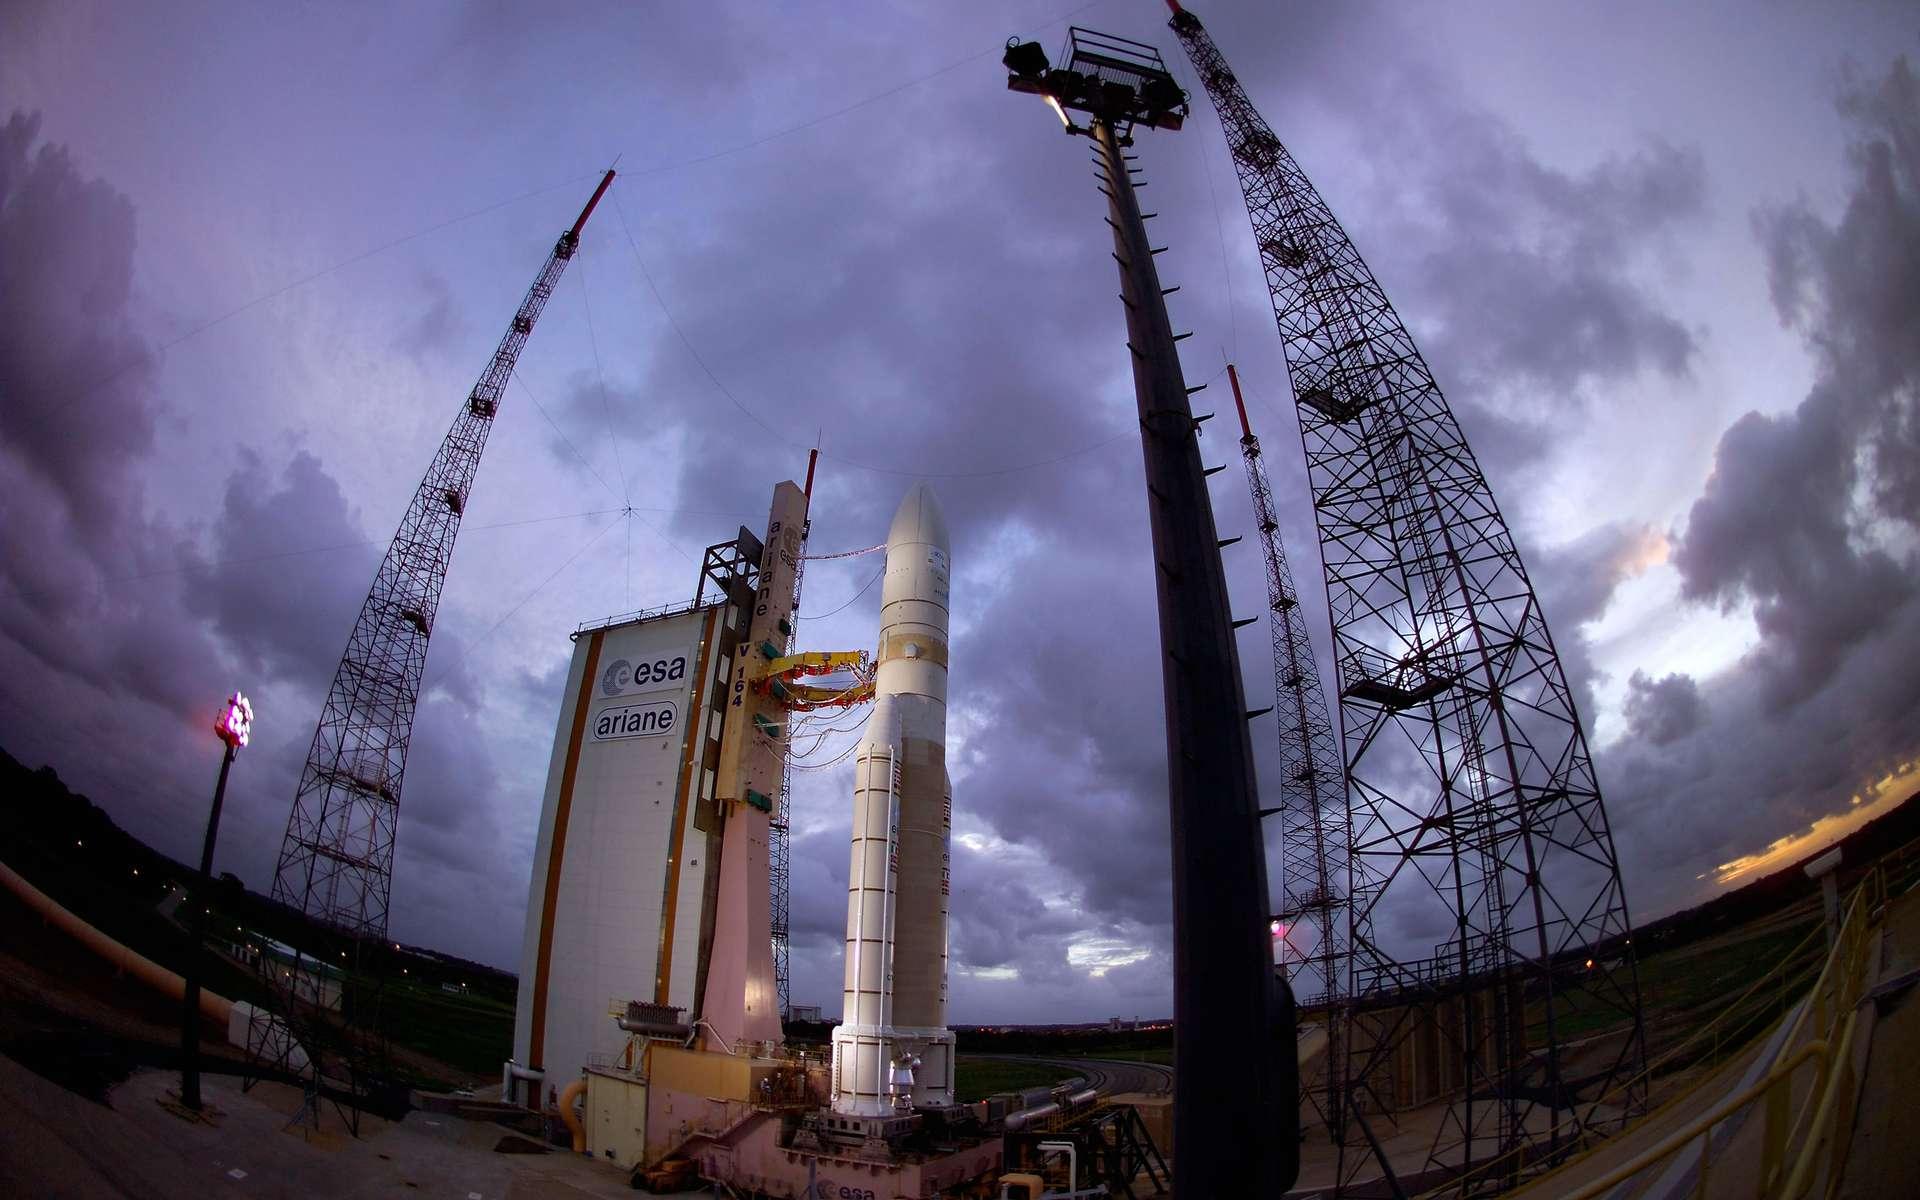 Ariane 5 est le seul lanceur opérationnel disponible sur le marché commercial capable de lancer deux charges utiles simultanément. Crédits Esa / Cnes / Arianespace - Service optique CSG